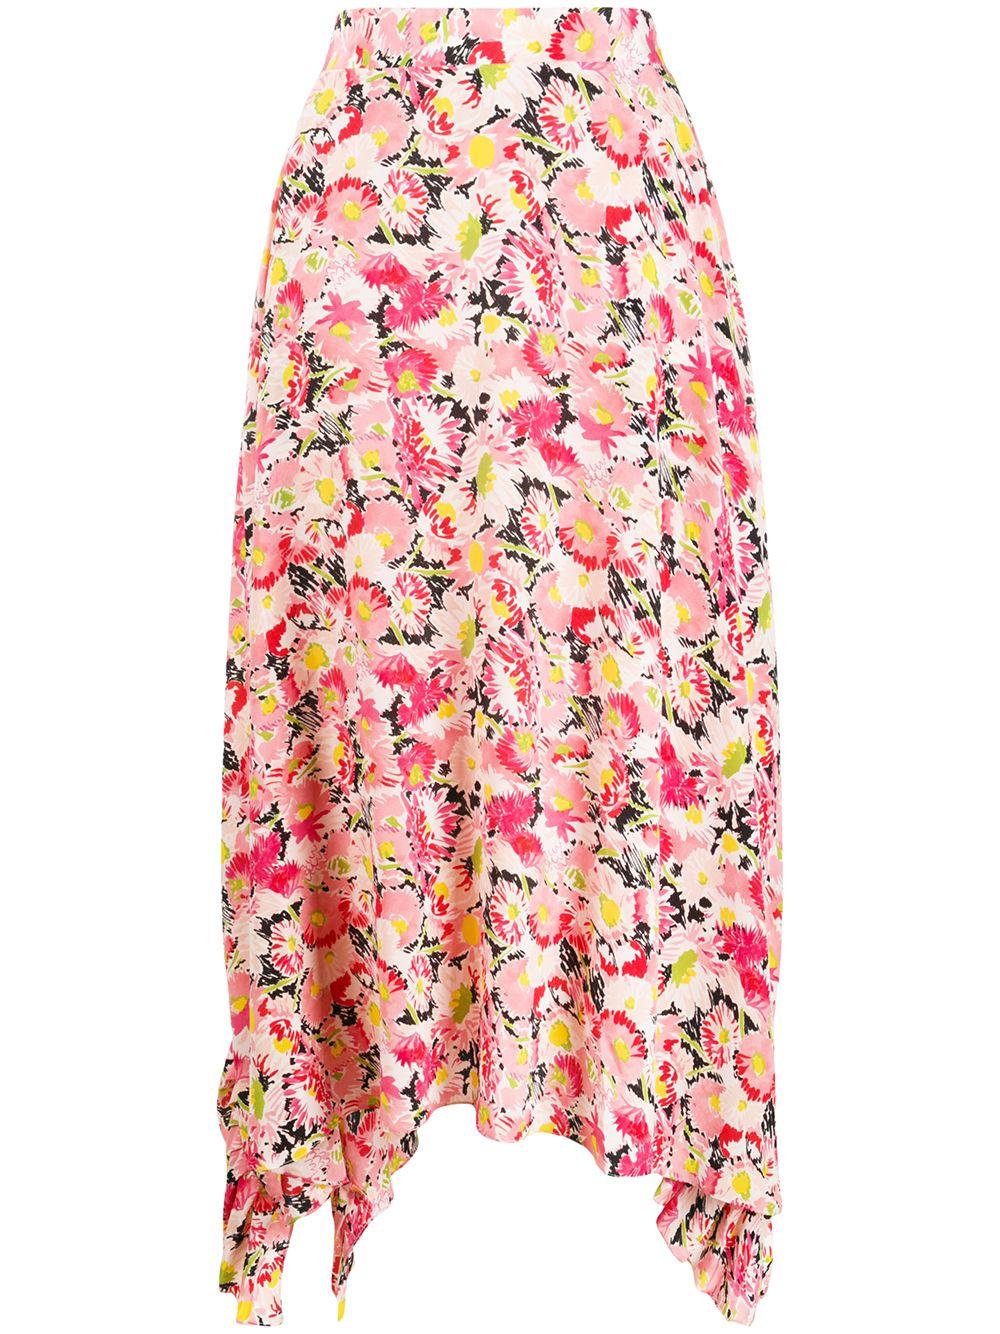 Pink flower pink cotton draped ruffle skirt  STELLA MC CARTNEY |  | 602927-SRA278645